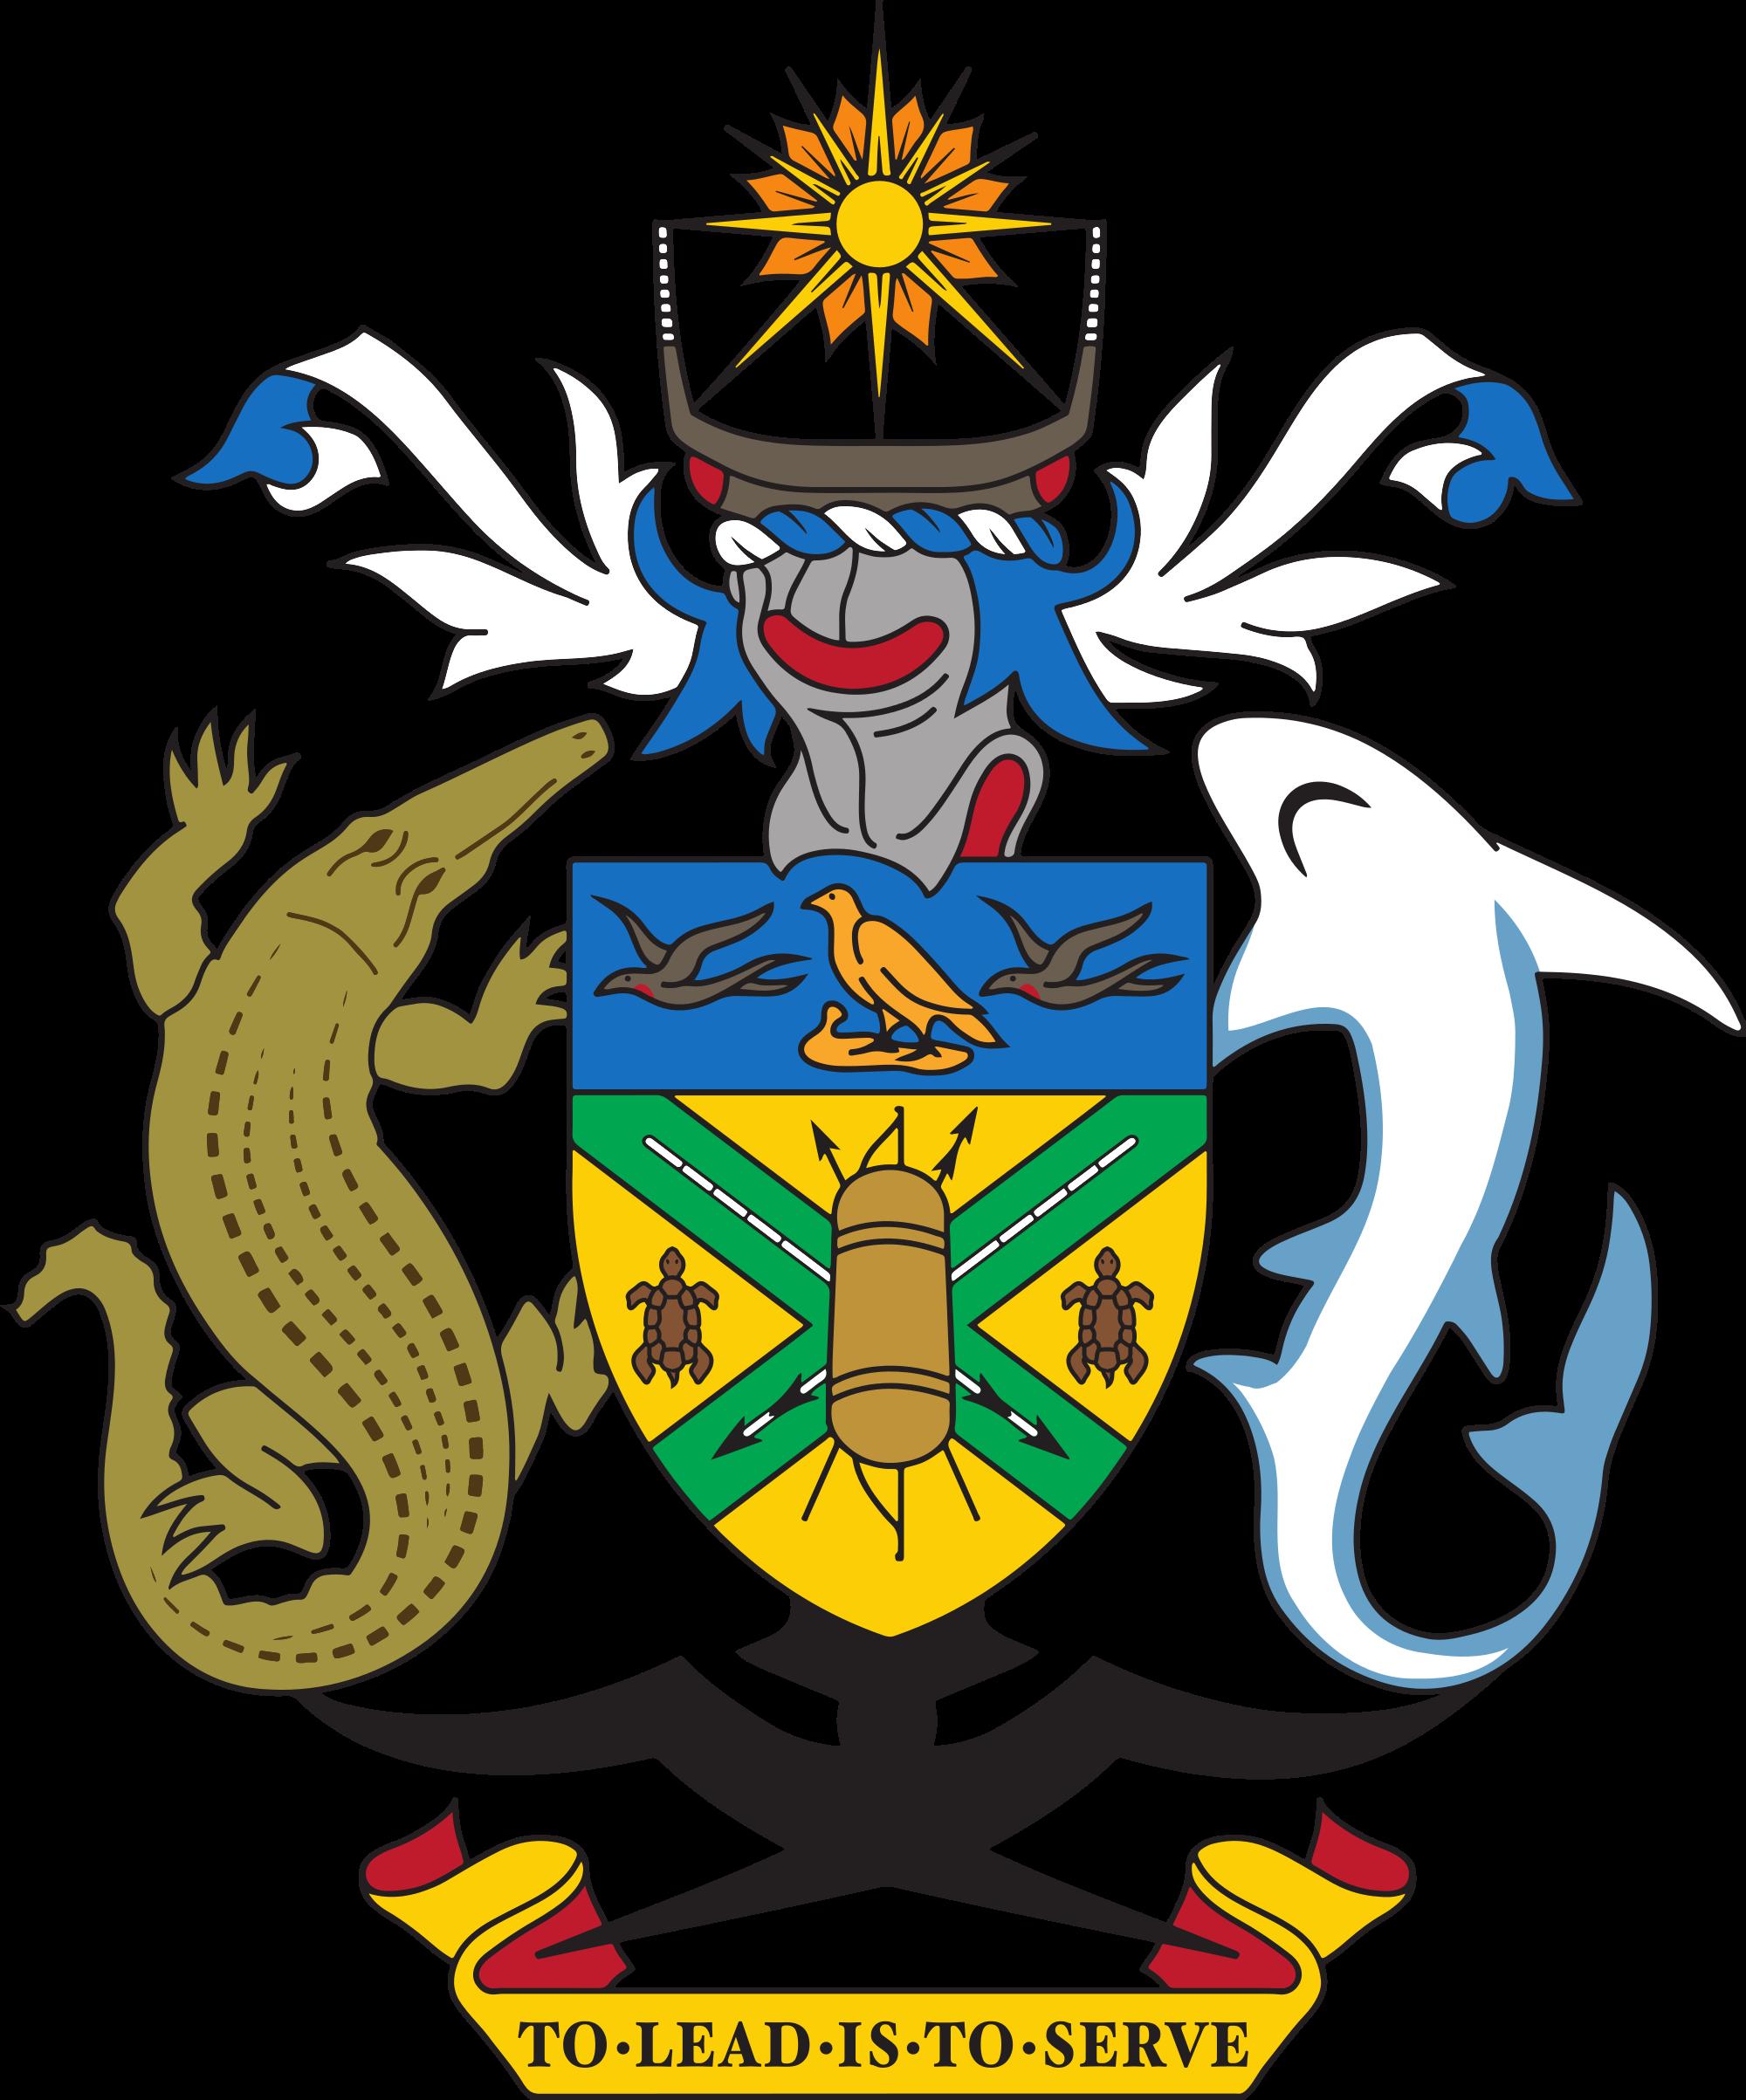 Wapenschild van de Salomonseilanden